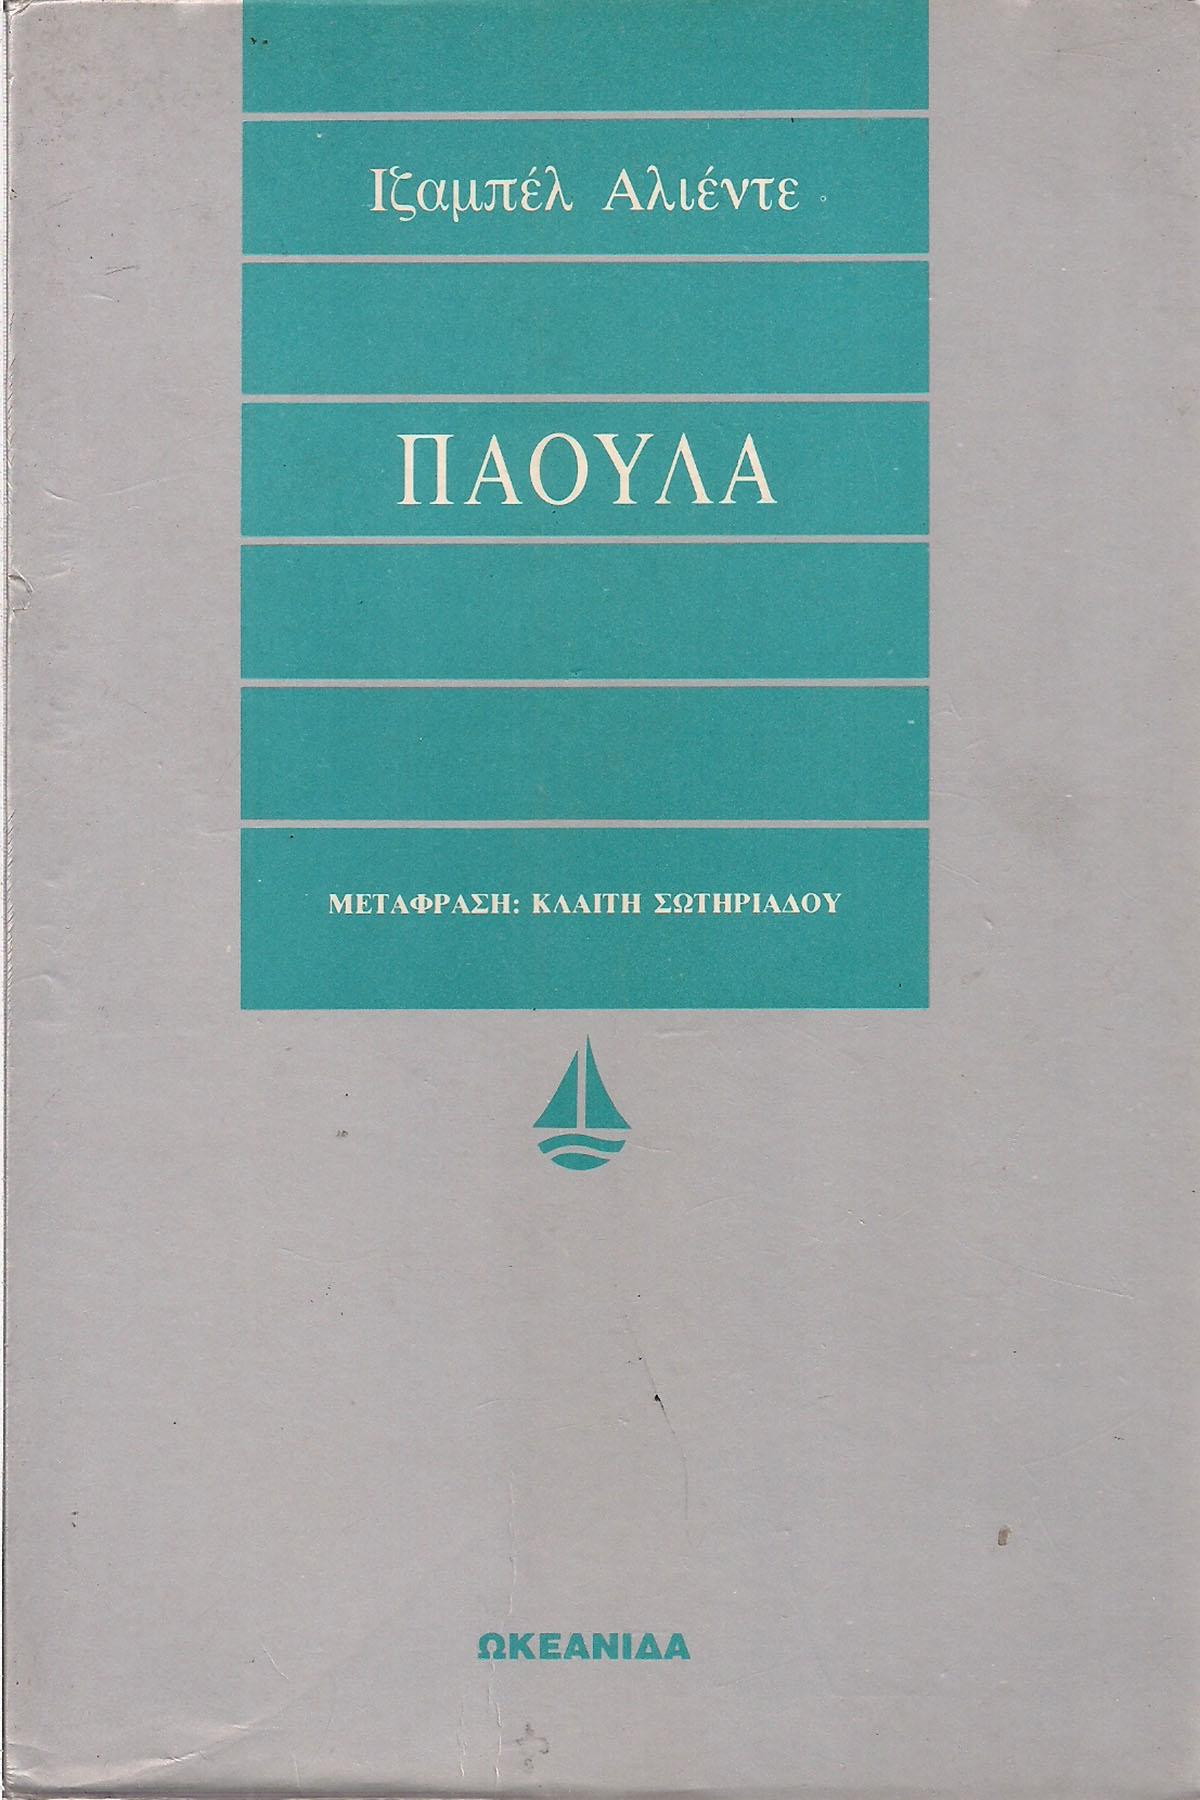 ΠΑΟΥΛΑ, ΙΖΑΜΠΕΛ ΑΛΙΕΝΤΕ, ΩΚΕΑΝΙΔΑ - Exlibris-Oldbooks.gr - Online  βιβλιοπωλείο με βιβλία παλαιών εκδόσεων, κλασικά και νέα μυθιστορήματα,  σπάνιες εκδόσεις, συγγραφείς, αντίκες, σπάνια νομίσματα, παλαιοβιβλιοπωλείο